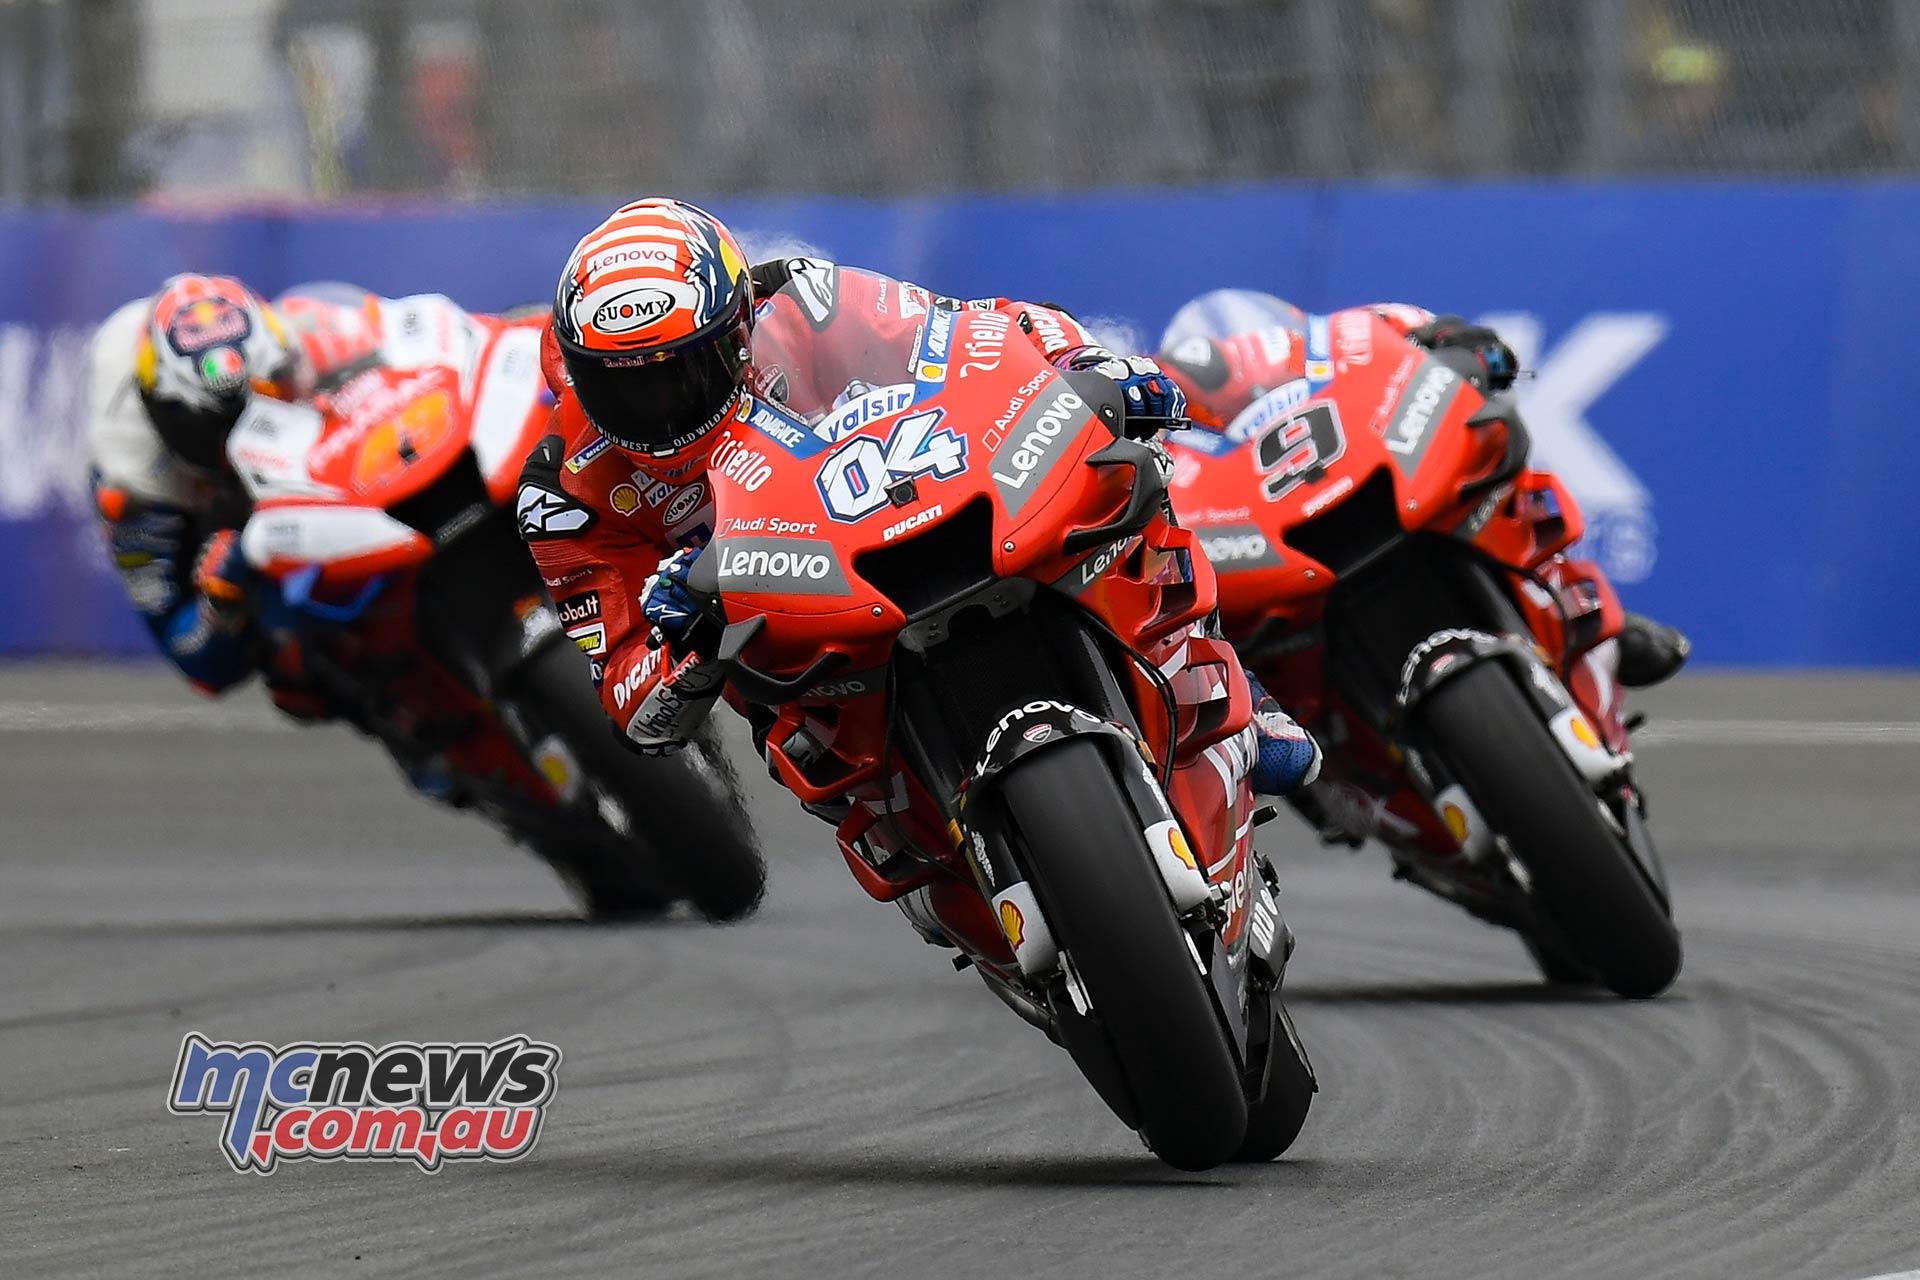 MotoGP Rnd LeMans Dovizioso Petrucci Miller